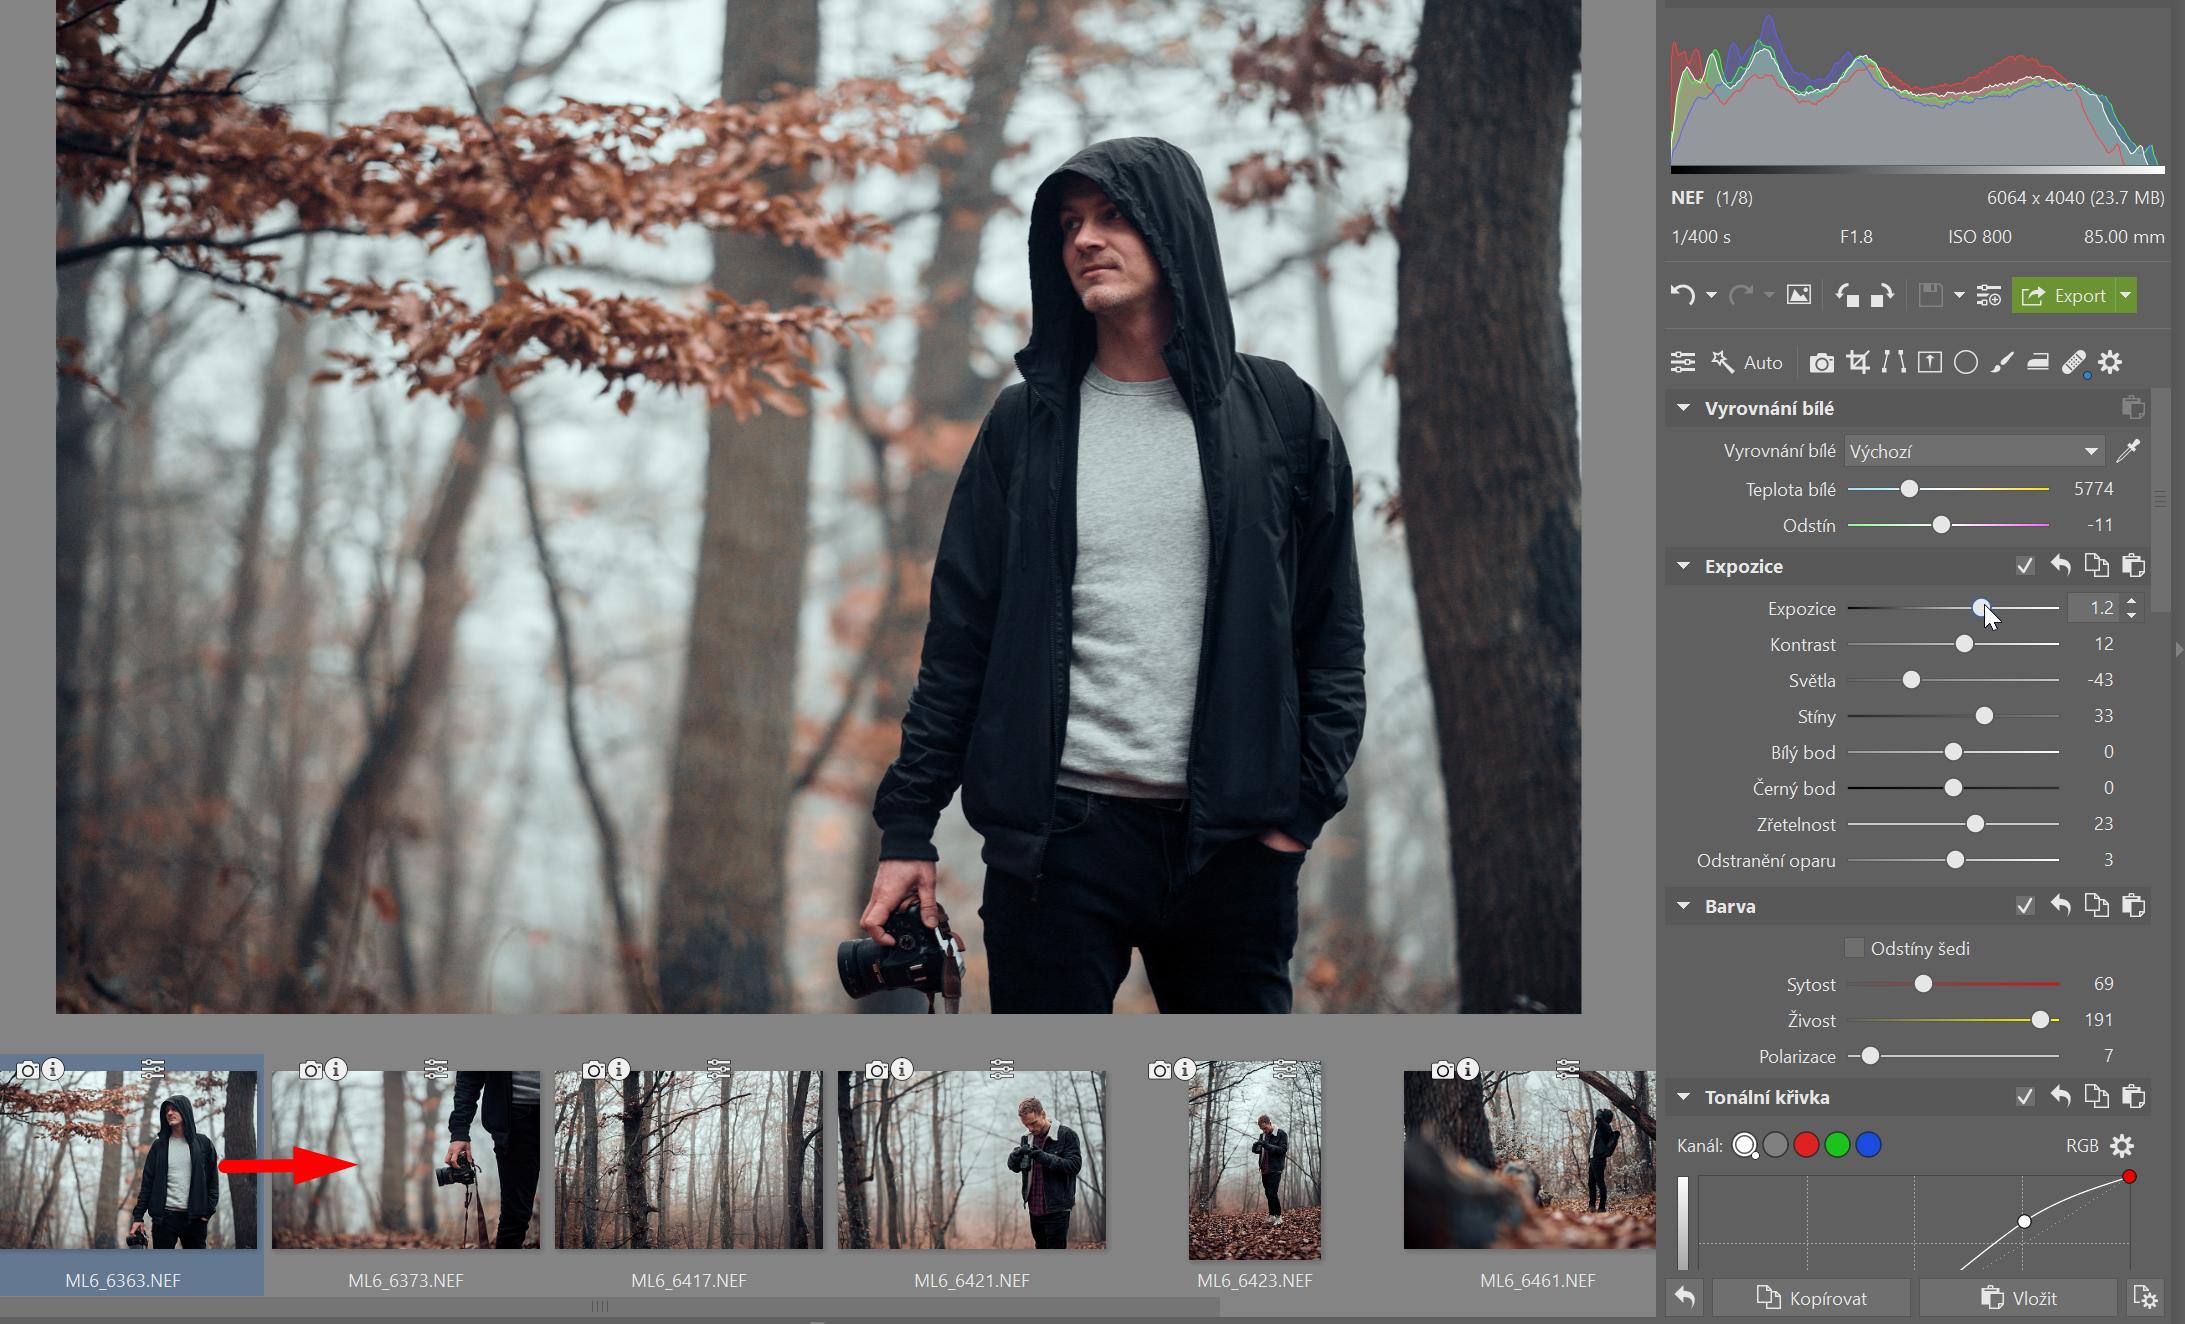 Ušetřete čas při úpravách fotek. Pomůže vám kopírování úprav